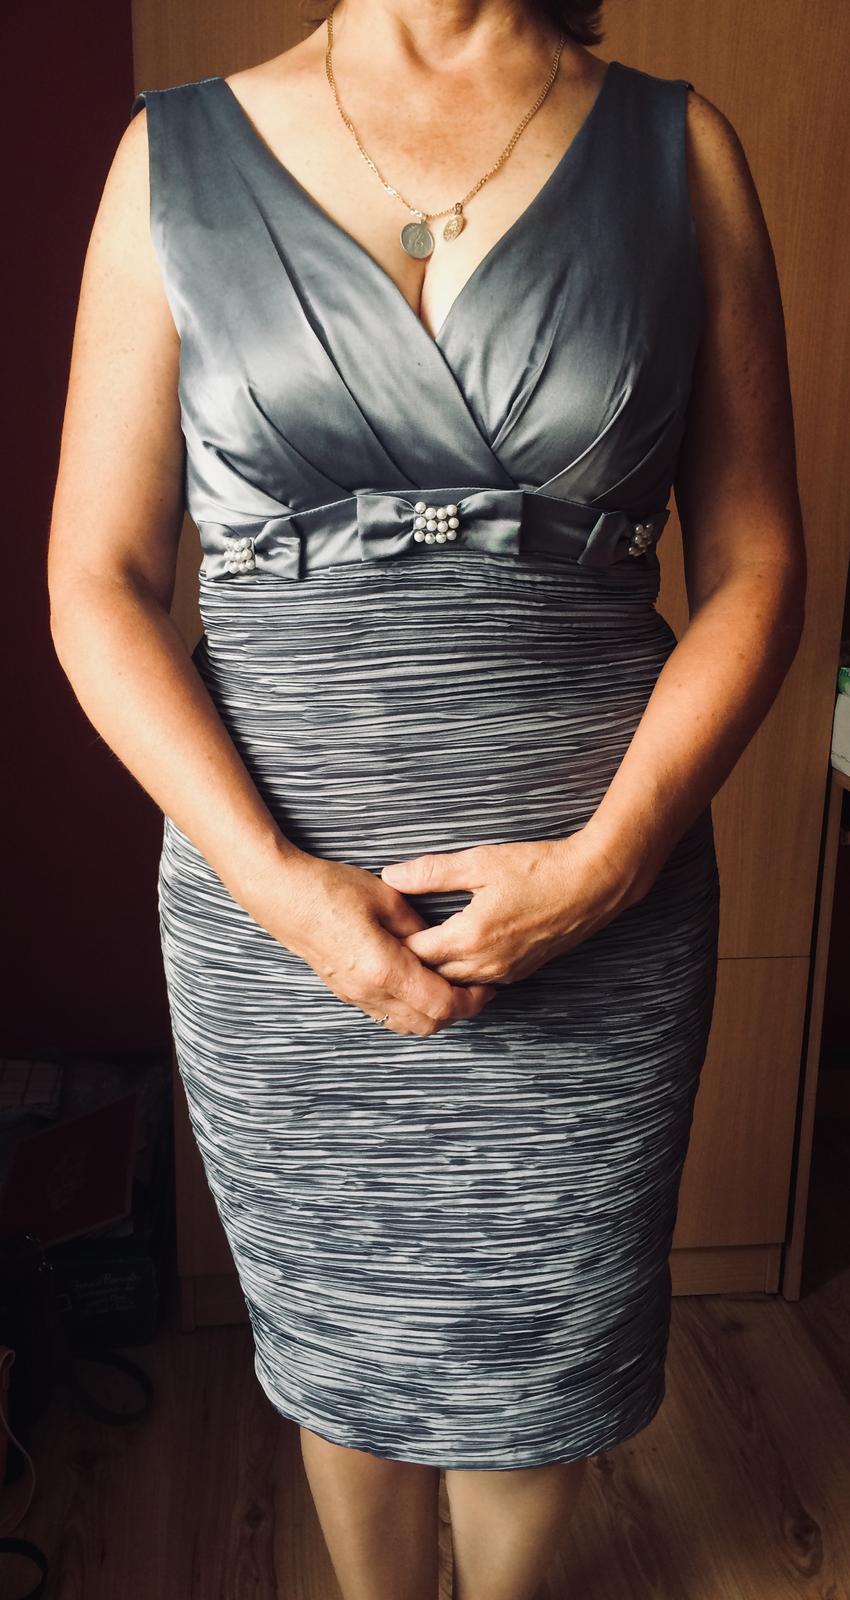 Sivé bavlnené šaty - Obrázok č. 1